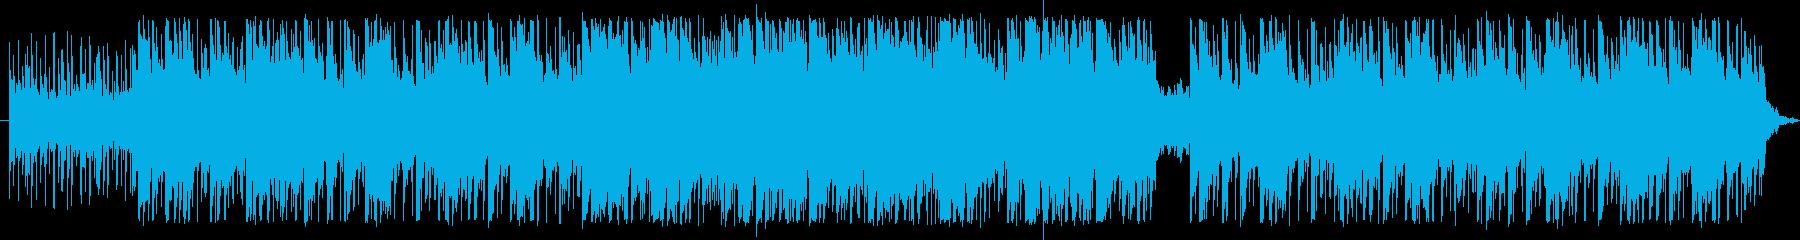 ゆったりしたリズムとアコギの再生済みの波形